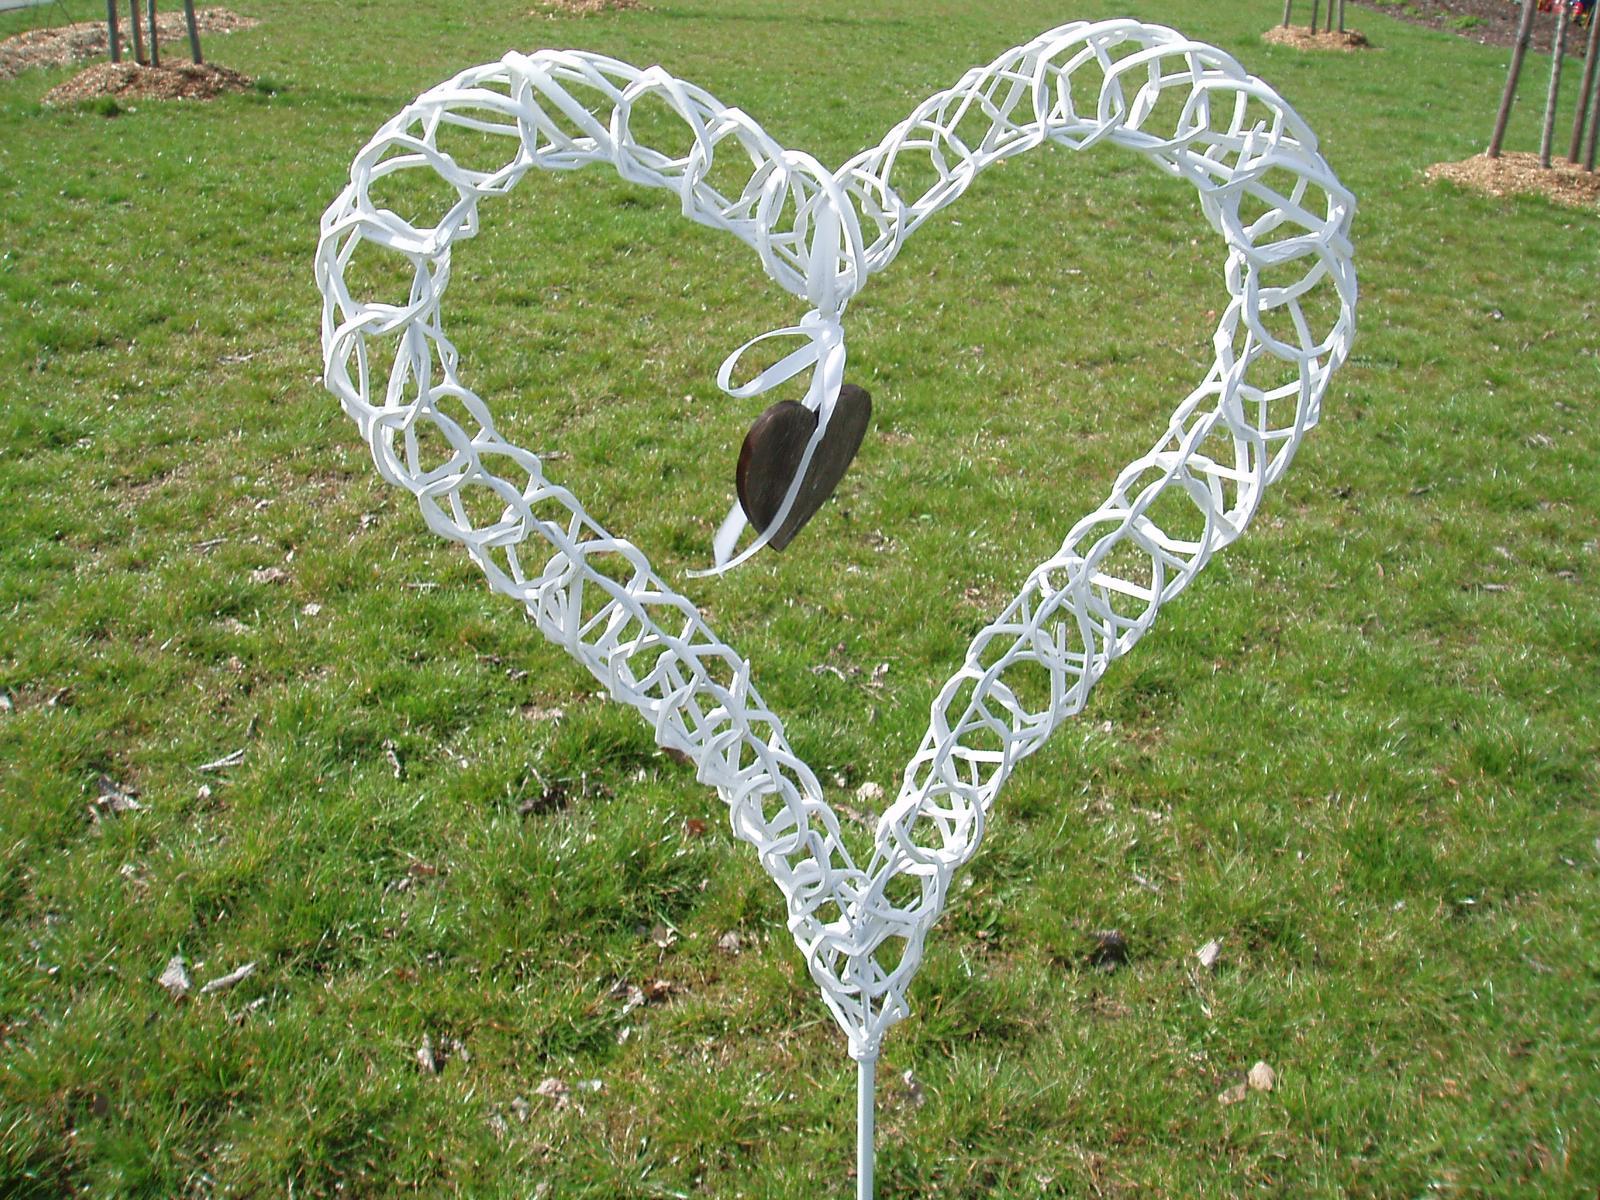 srdce na stojanu - Obrázek č. 3